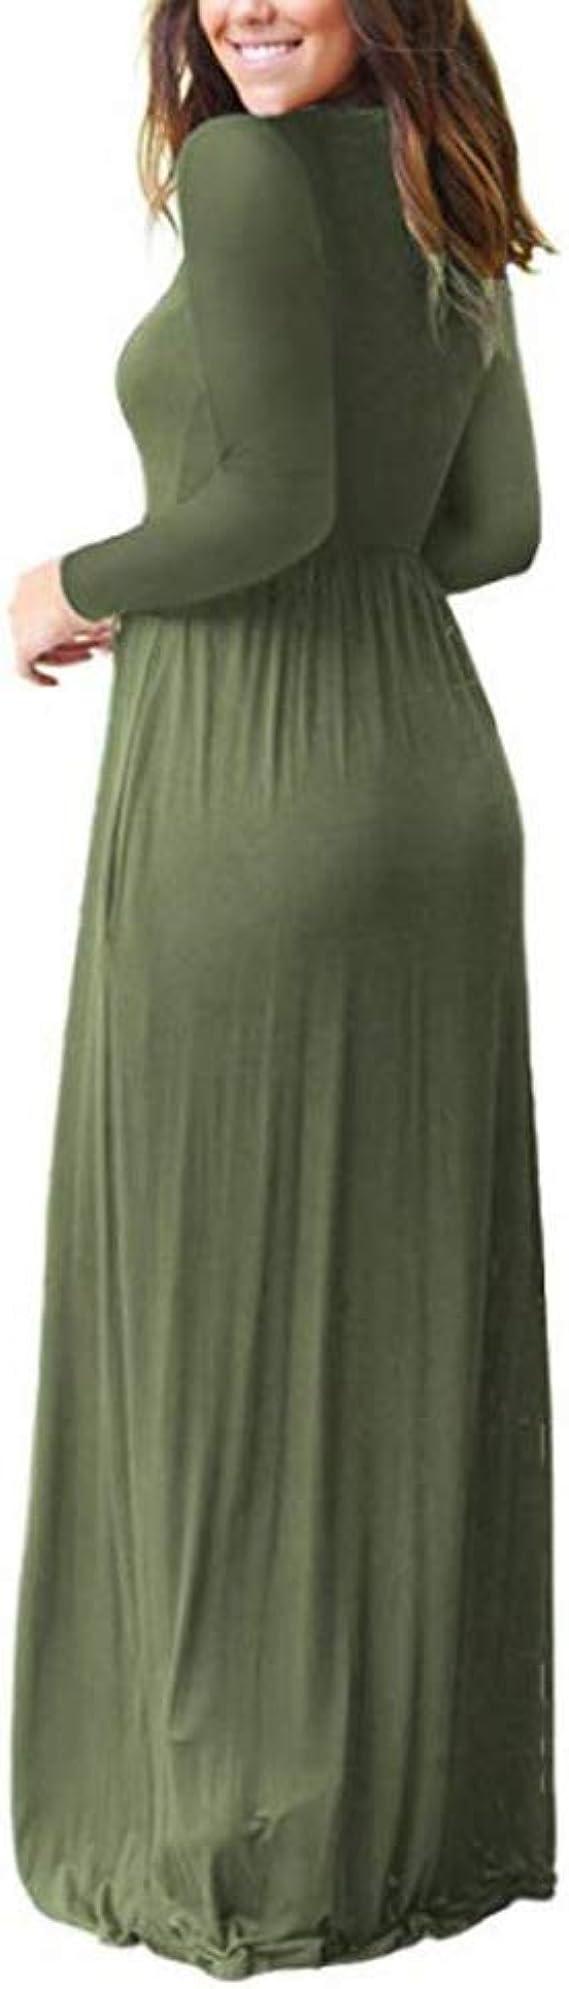 ZNYSTAR Mujer Casual Playa Verano Estidos Largos Maxi Vestido con Bolsillo: Amazon.es: Ropa y accesorios